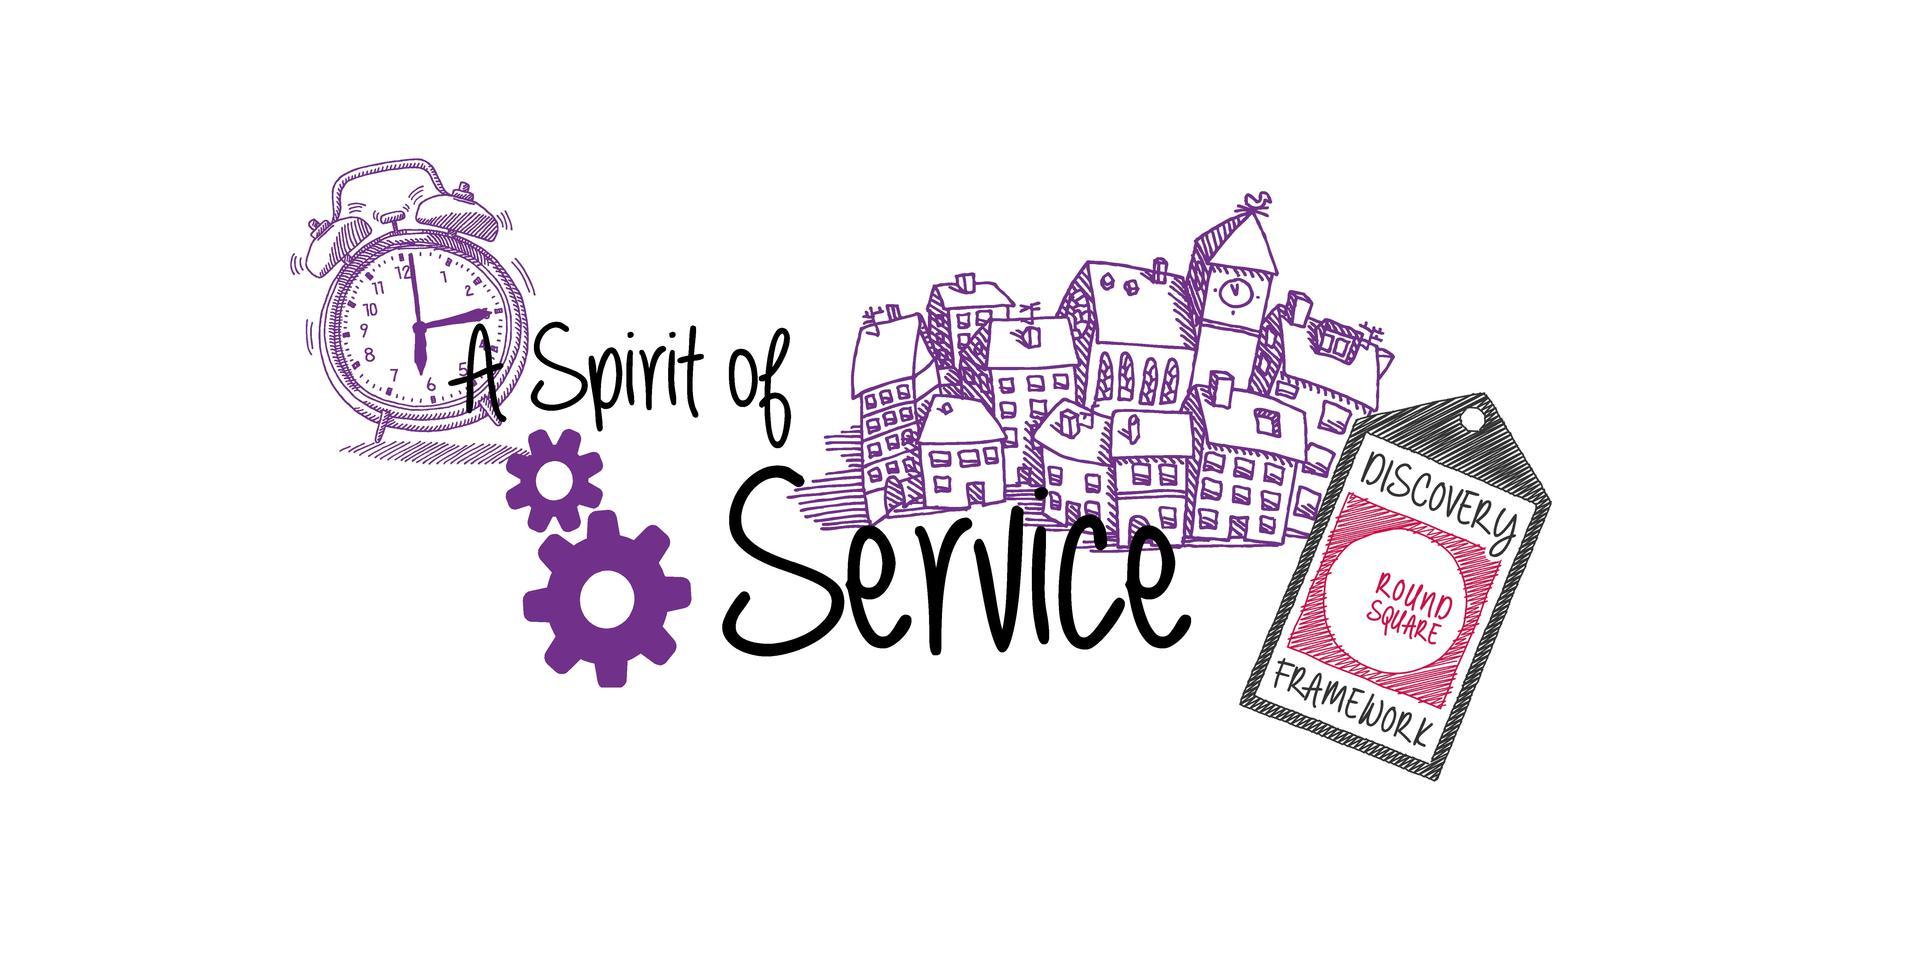 A spirit of service